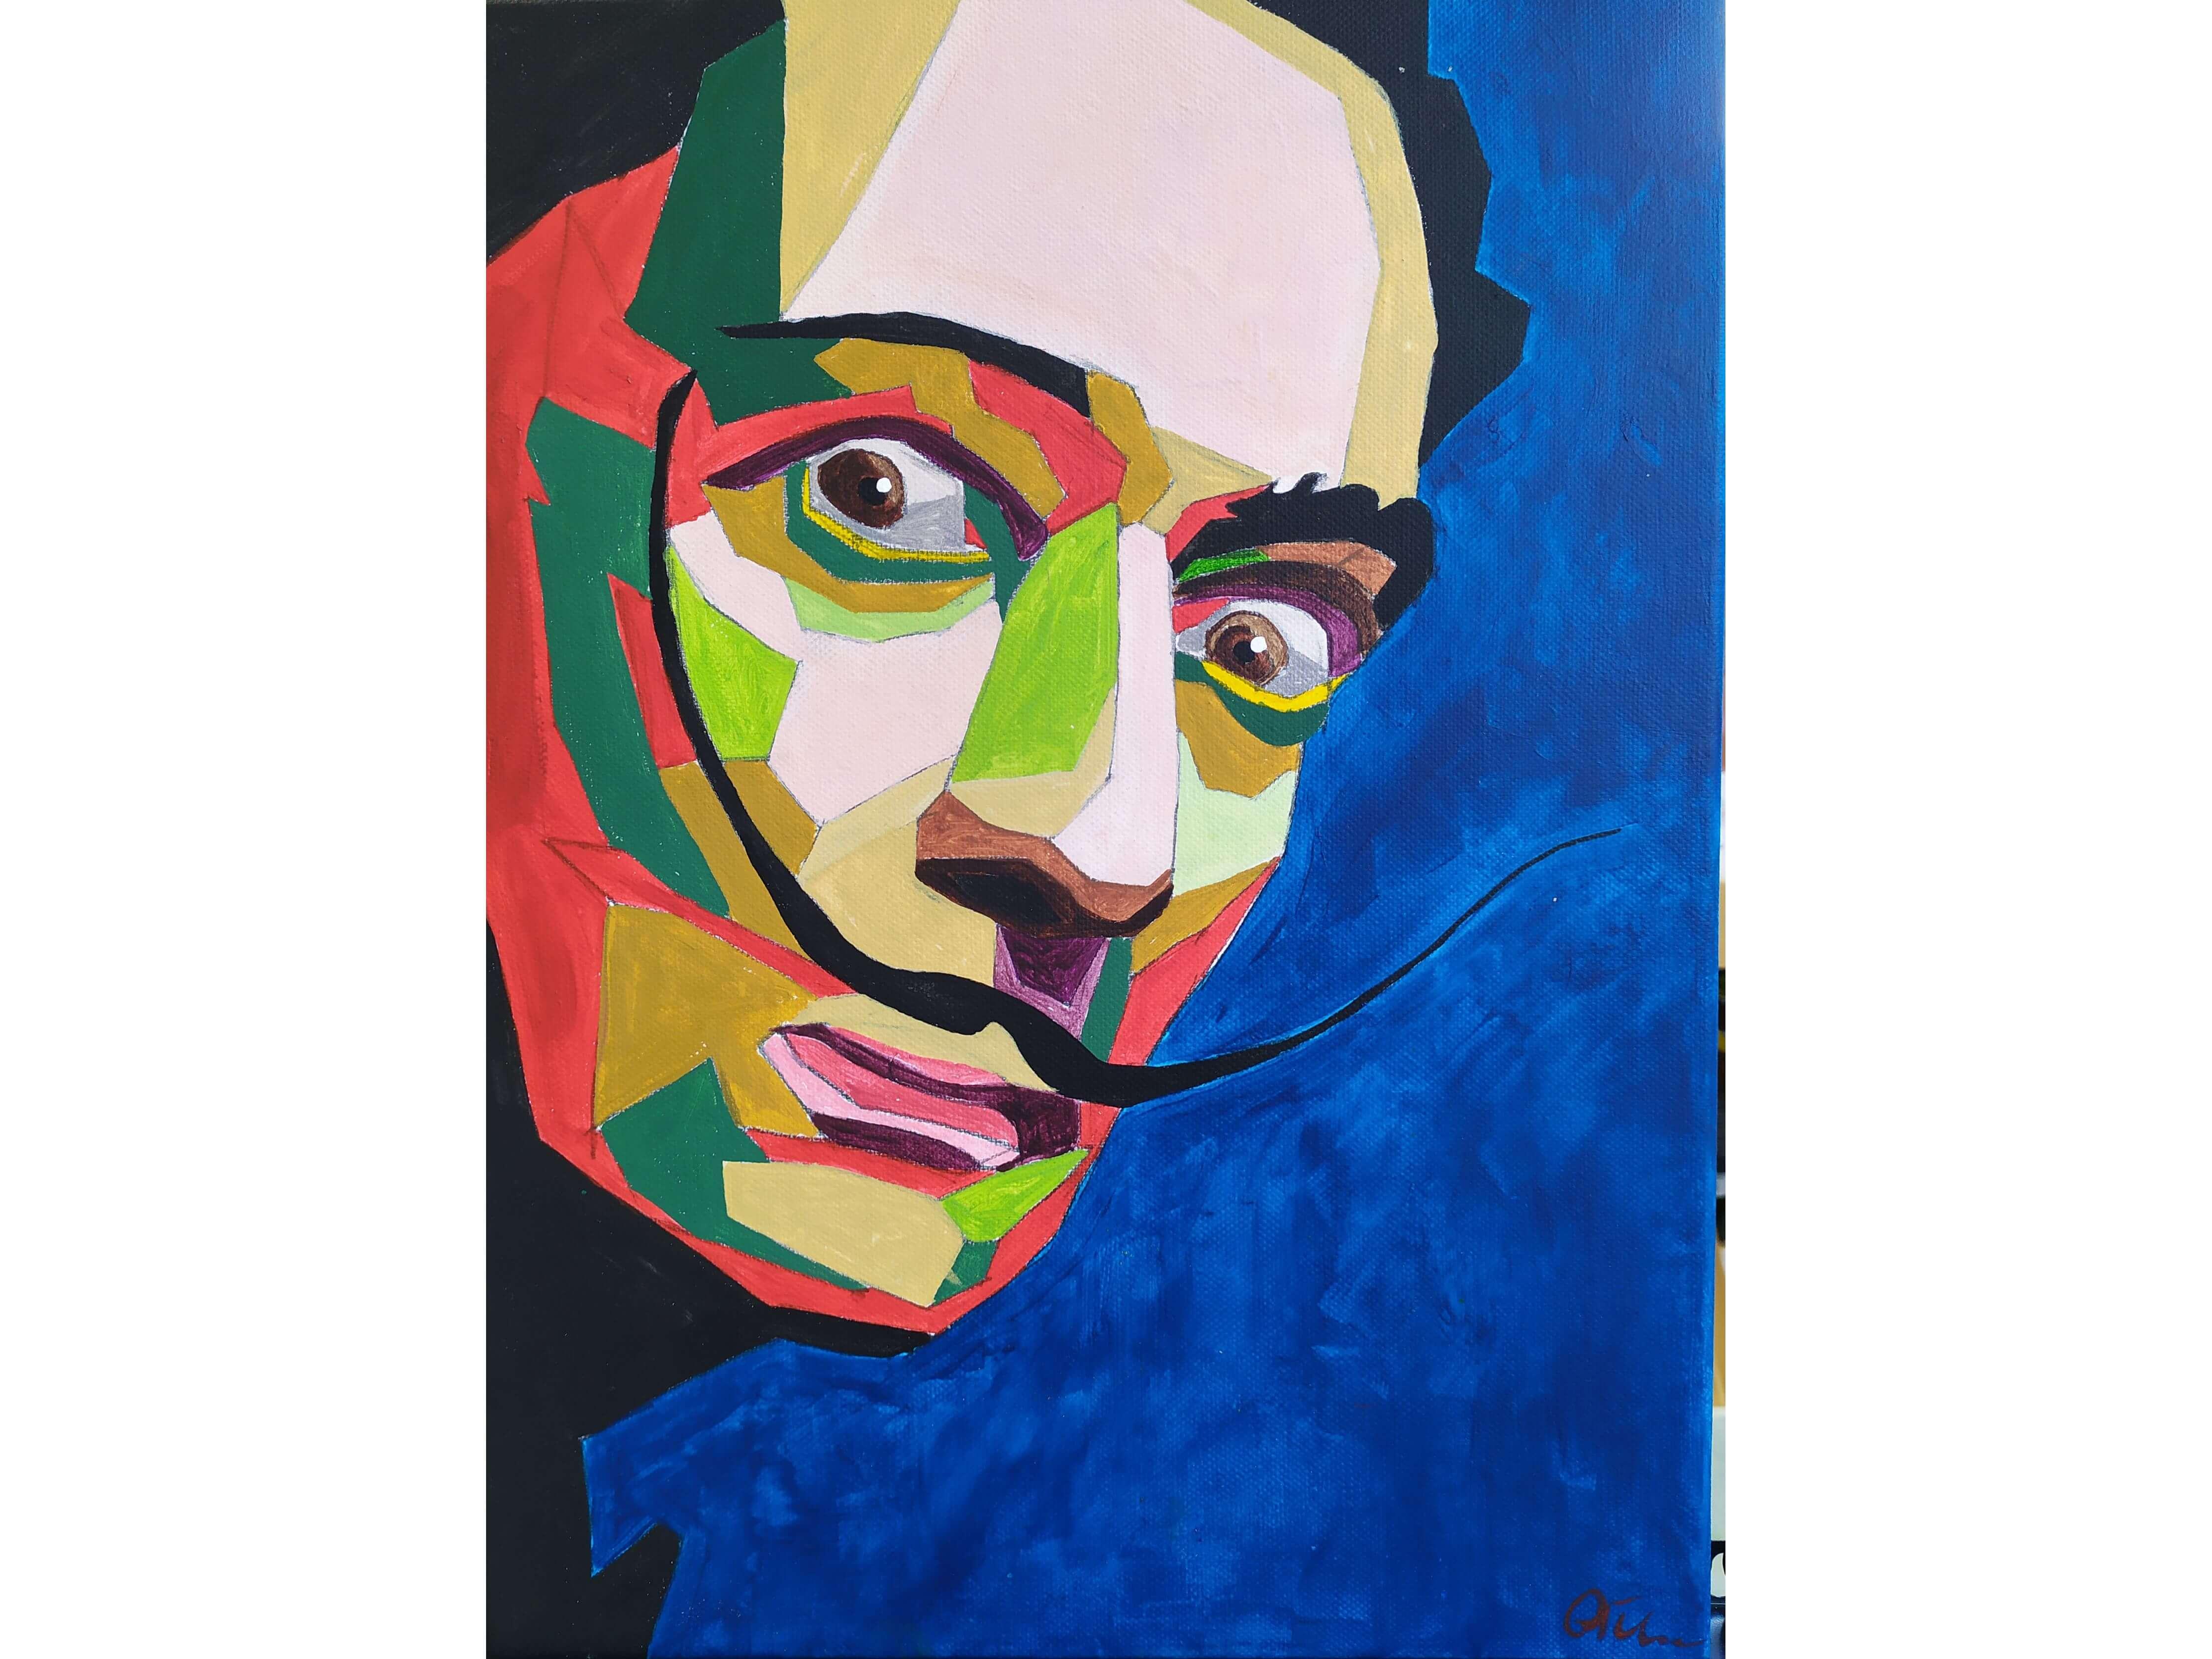 """Вино, забавление и рисуване с акрил в поп арт стил """"Салвадор Дали"""" 24.03.2021 г."""